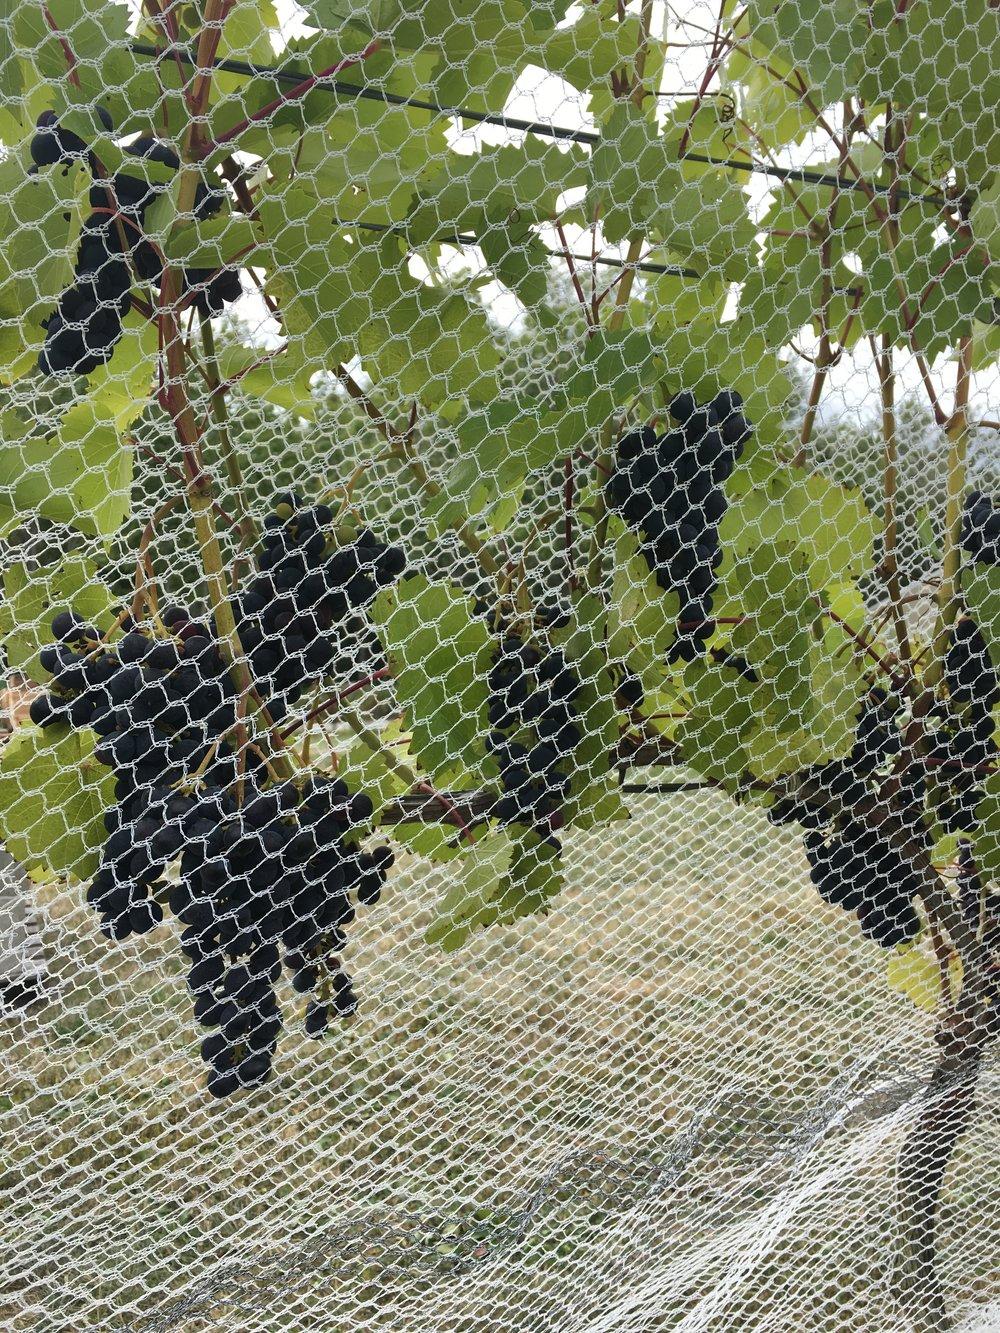 grapes grown at the vineyard